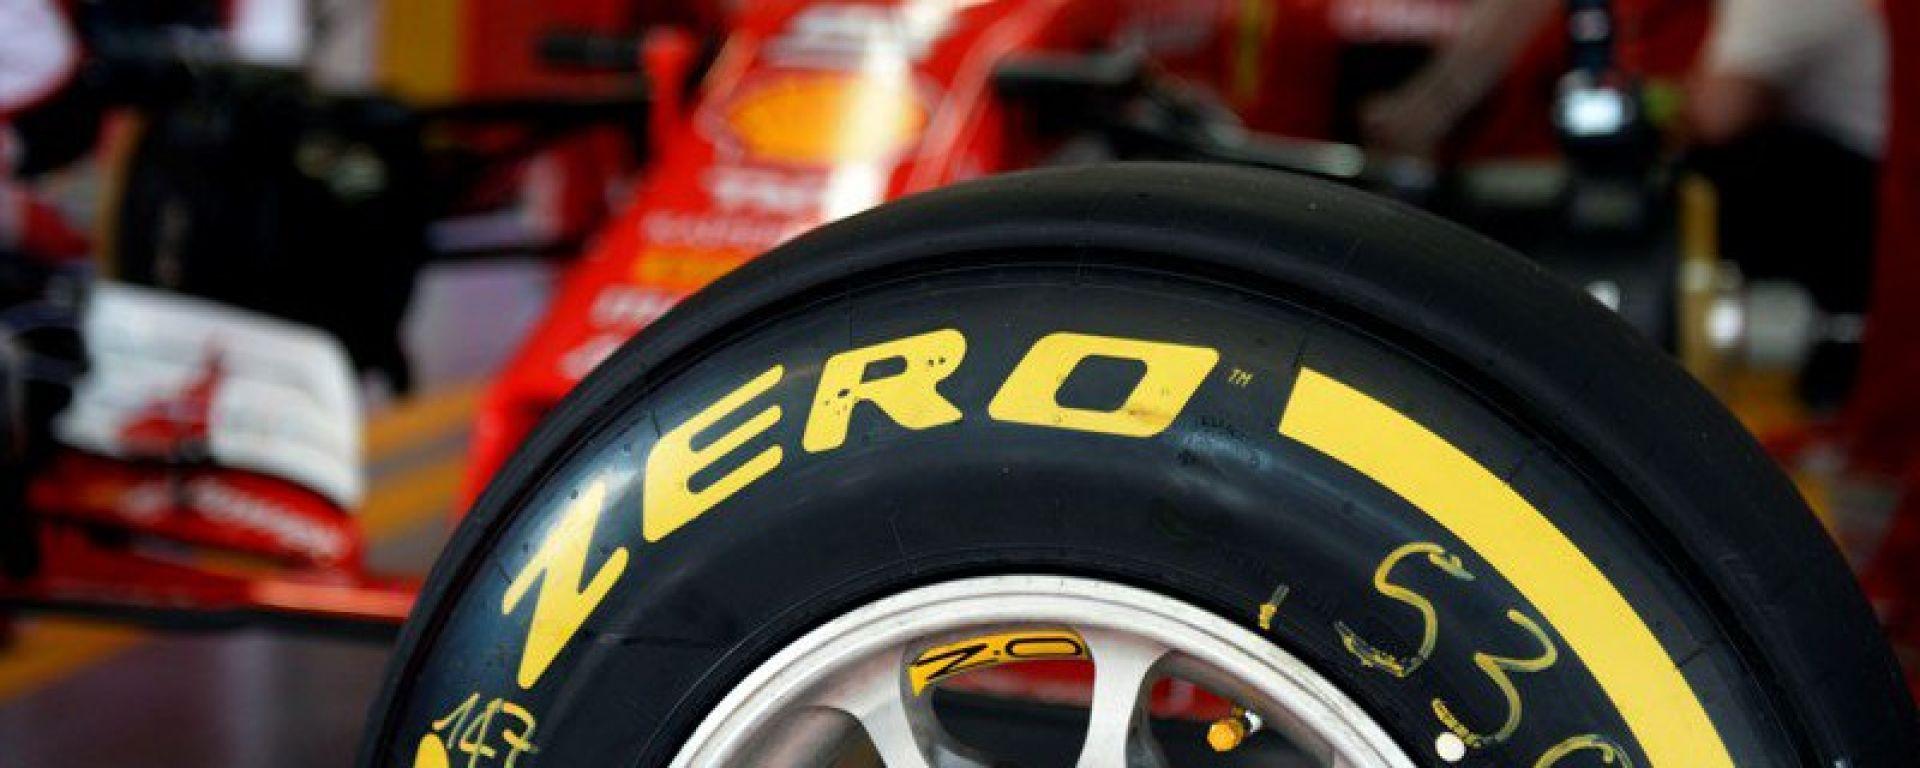 Pirelli F1 2017: i nuovi pneumatici in pista con Ferrari